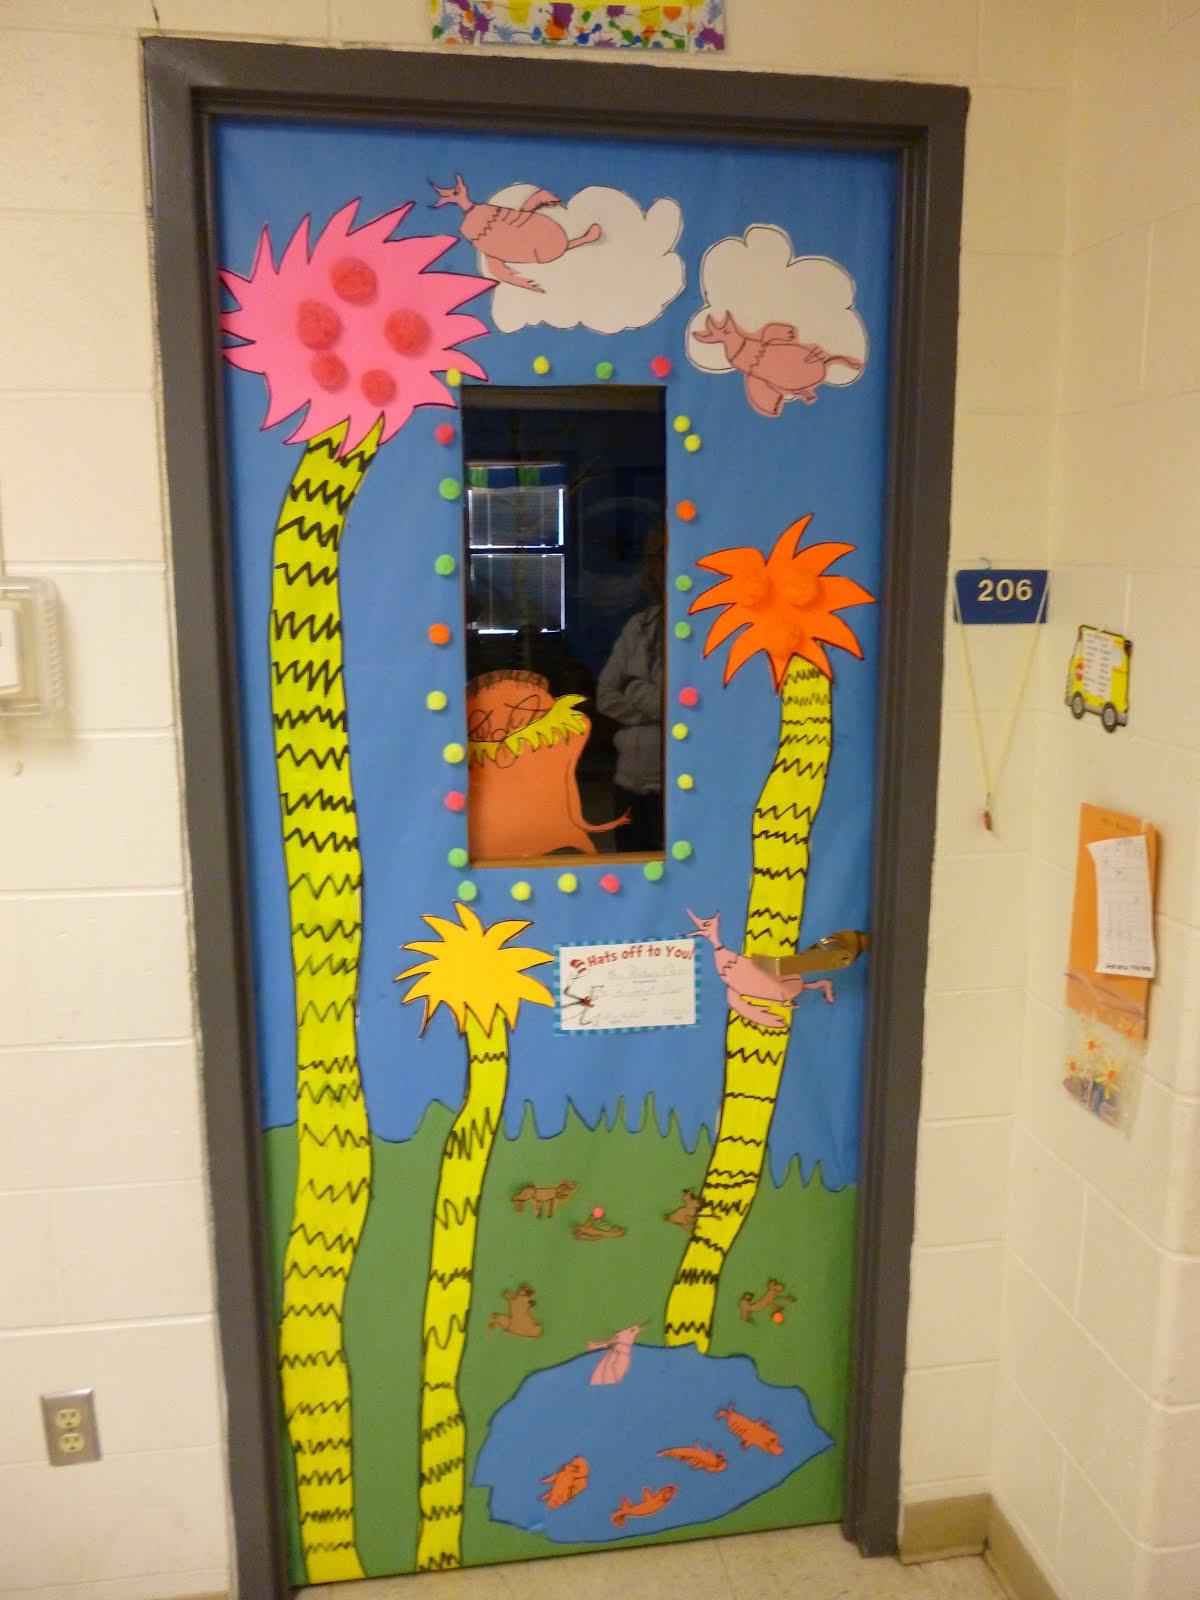 Seuss Door Decorating Results...